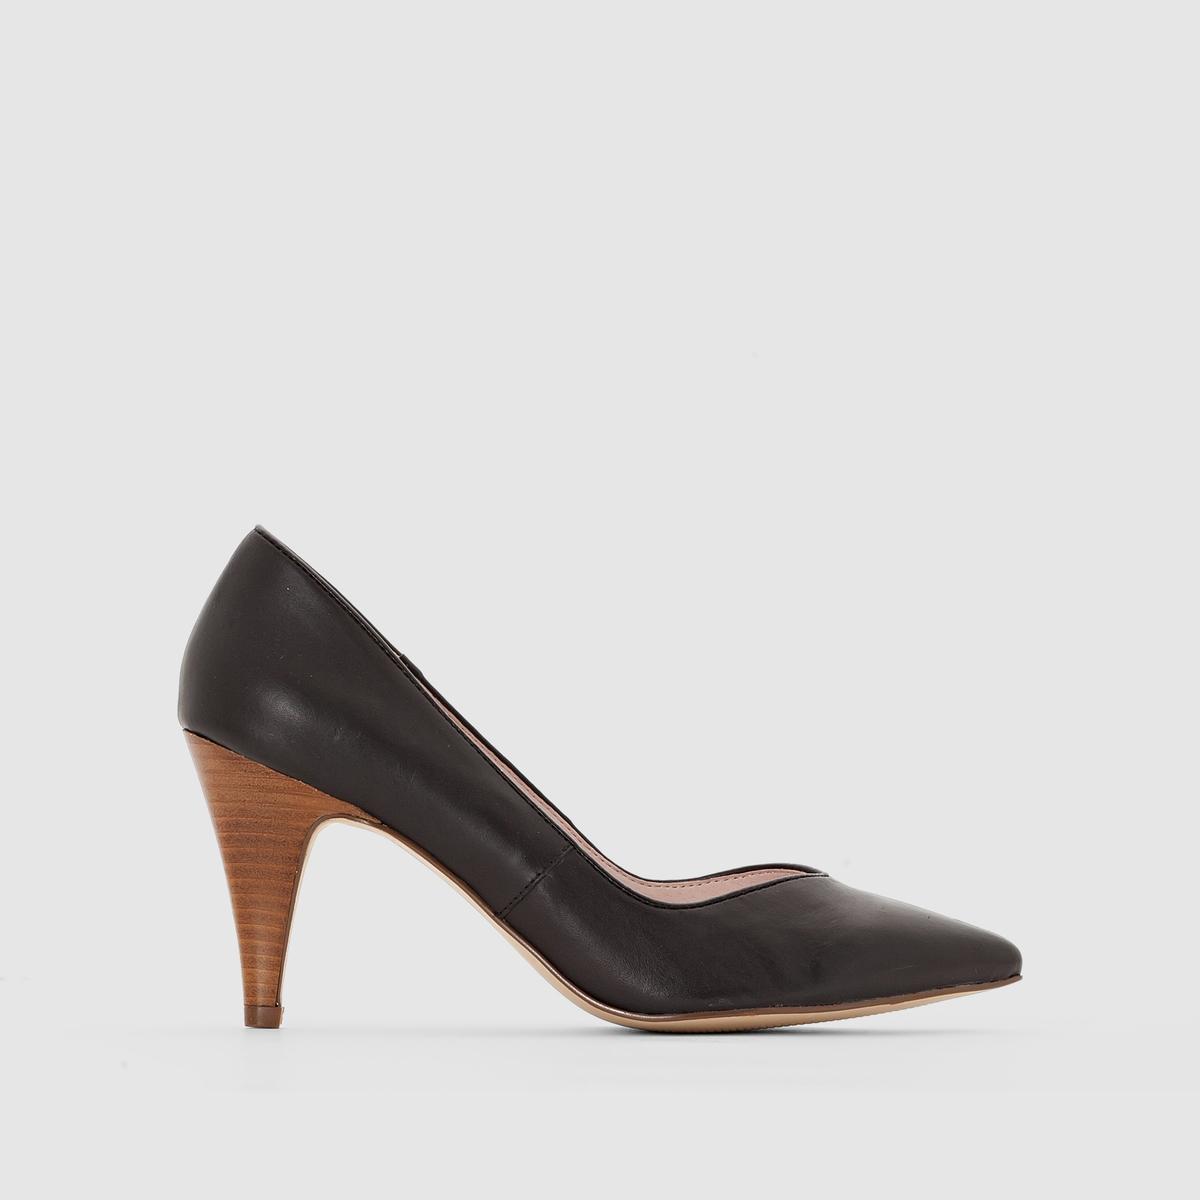 Туфли кожаныеКрасивая и современная форма, из прекрасной кожи, на контрастном каблуке, добавляющим элемент трендового дизайна - все это туфли, которые легко носить и сочетать, на рабочую встречу или на выход!<br><br>Цвет: черный<br>Размер: 36